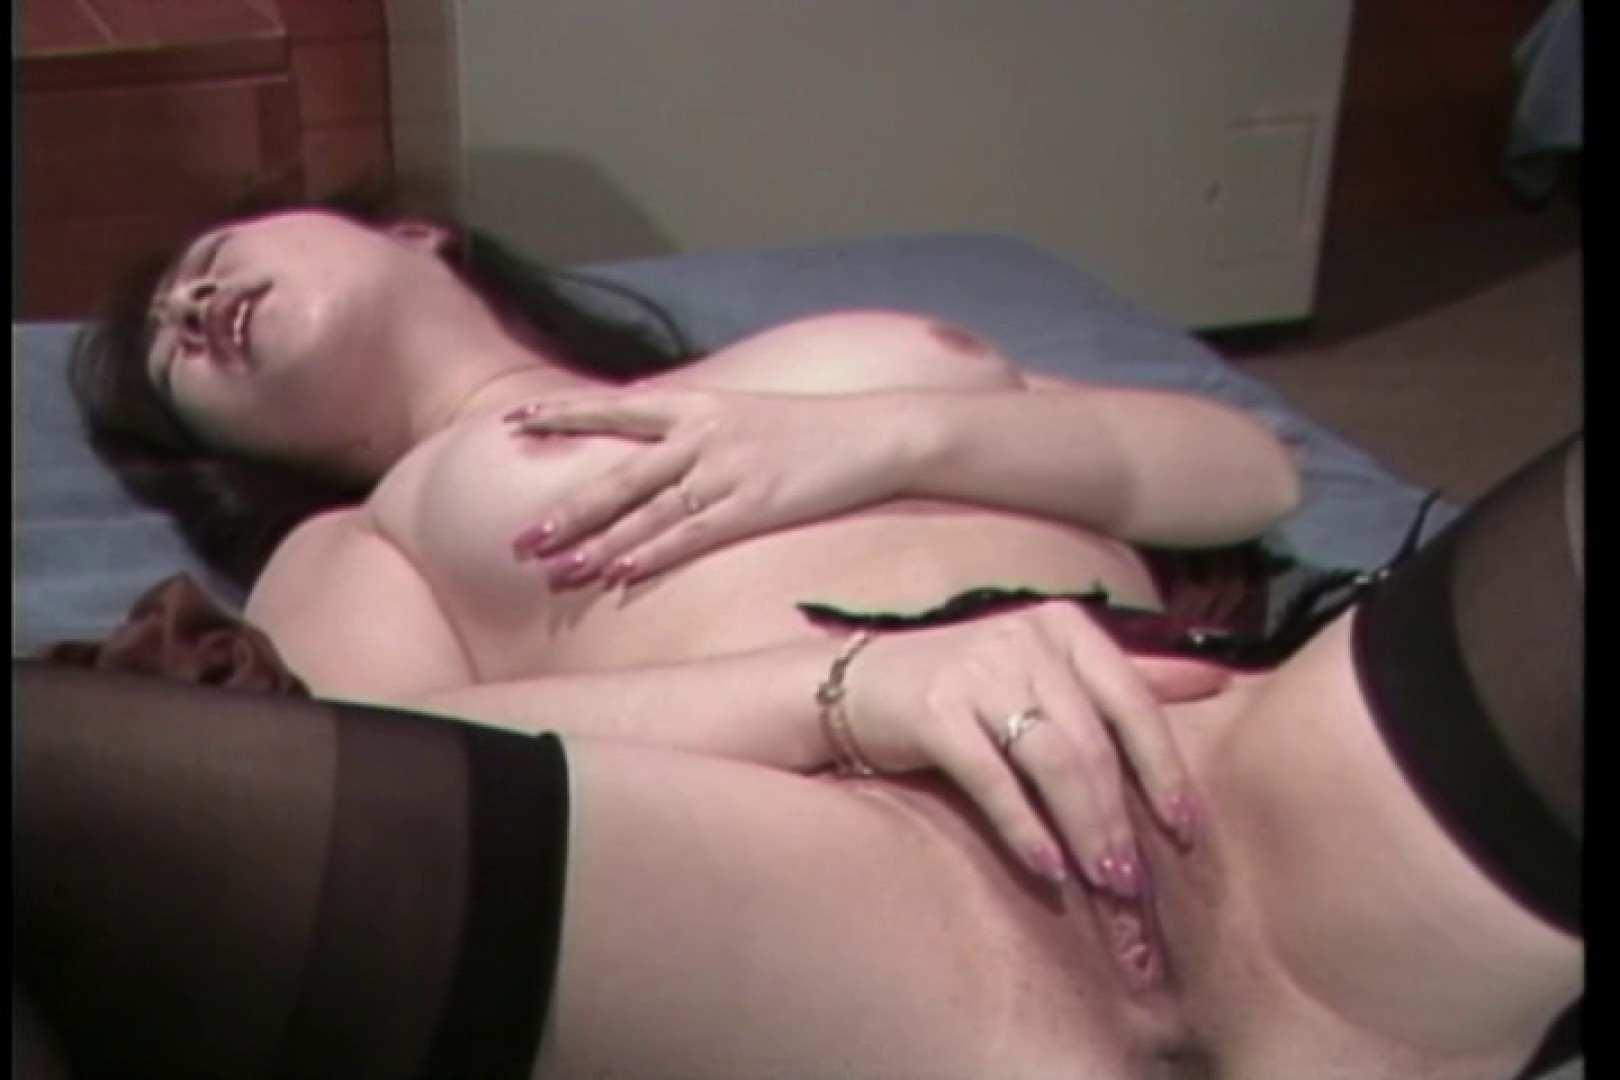 変態亜美のアブノーマルな世界・前編~夢野亜美~ オナニー特集   巨乳デカ乳  112画像 69